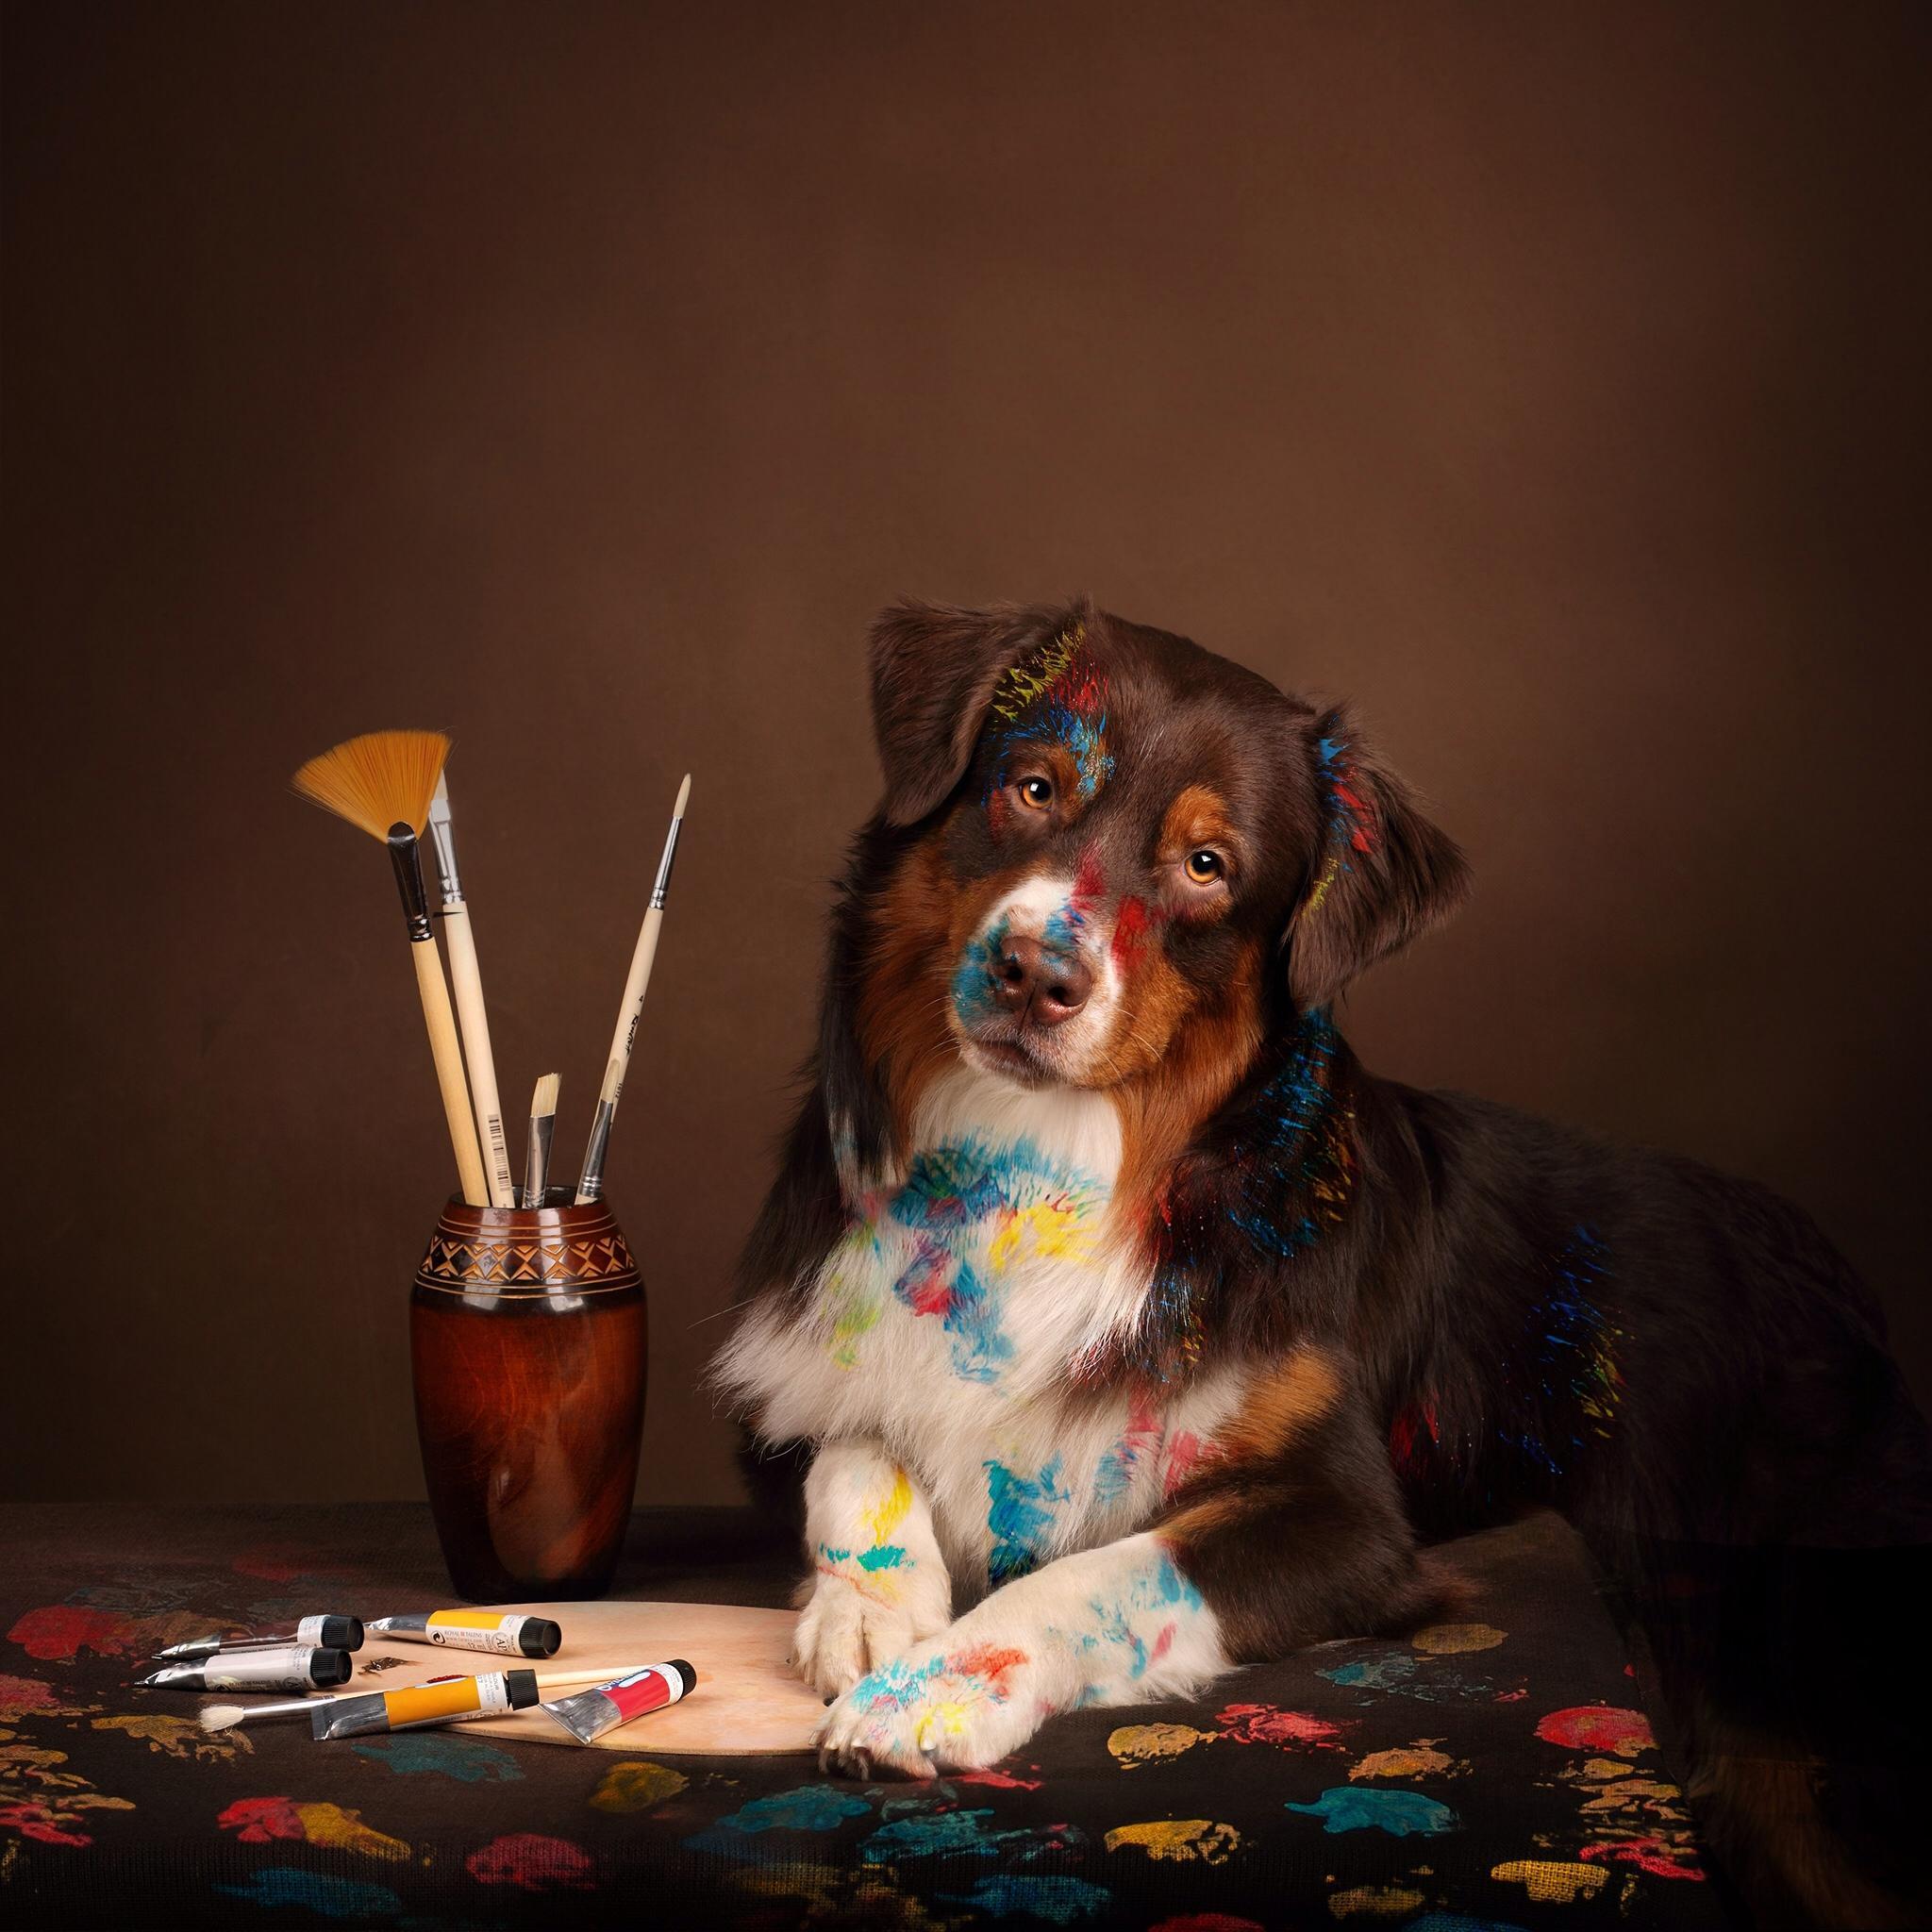 кисти, краски, собака